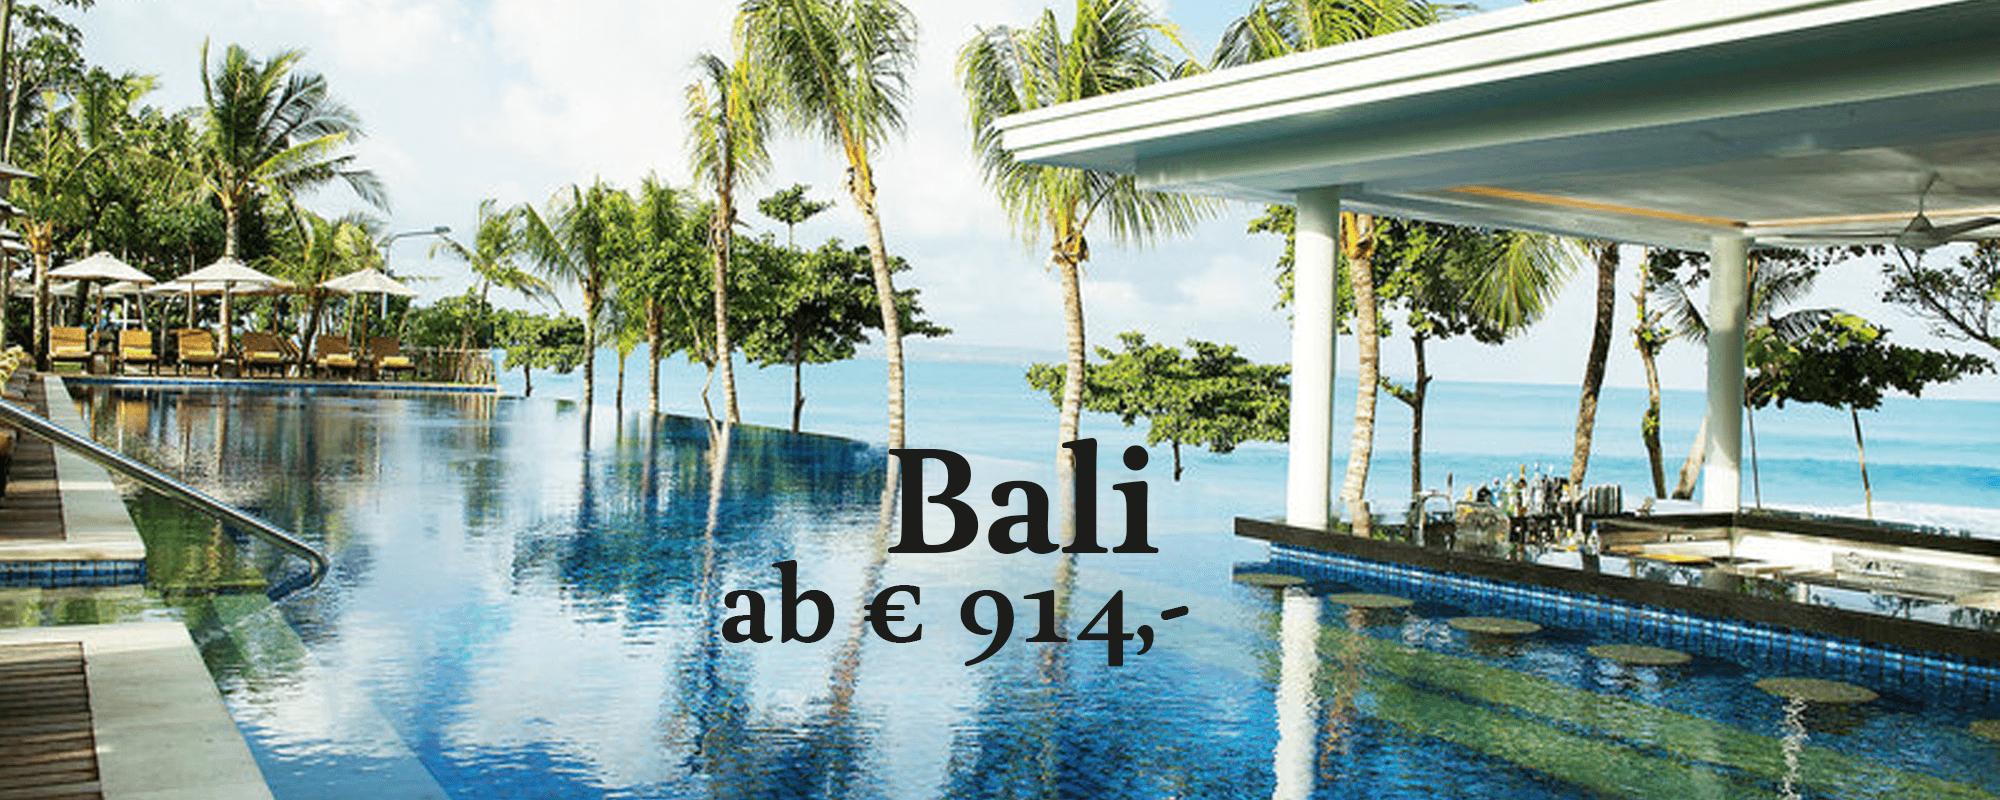 Bali Angebote